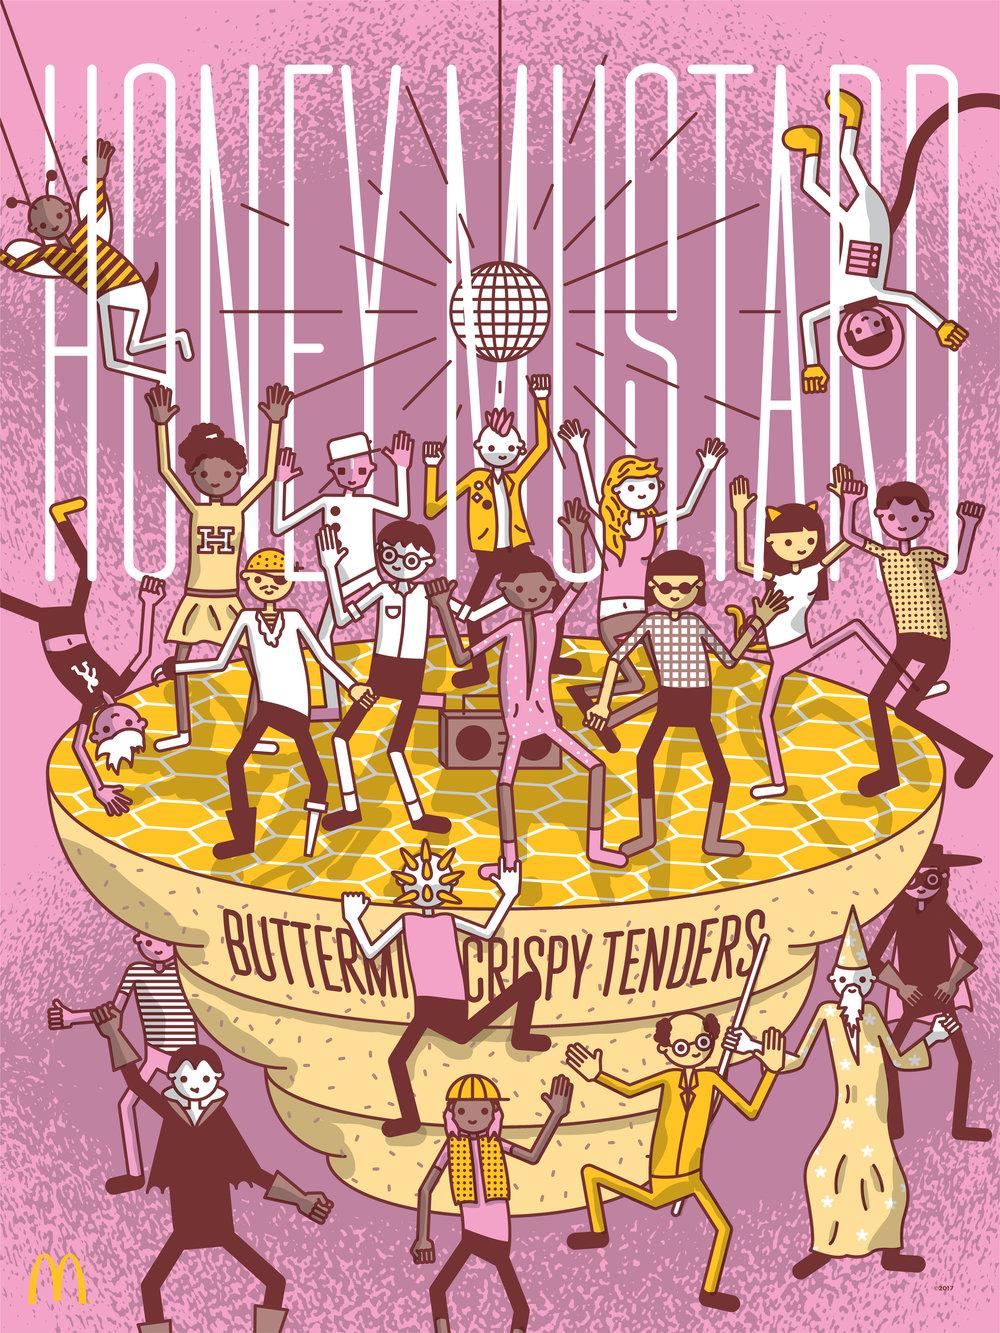 Honey_Mustard_R1-01.jpg